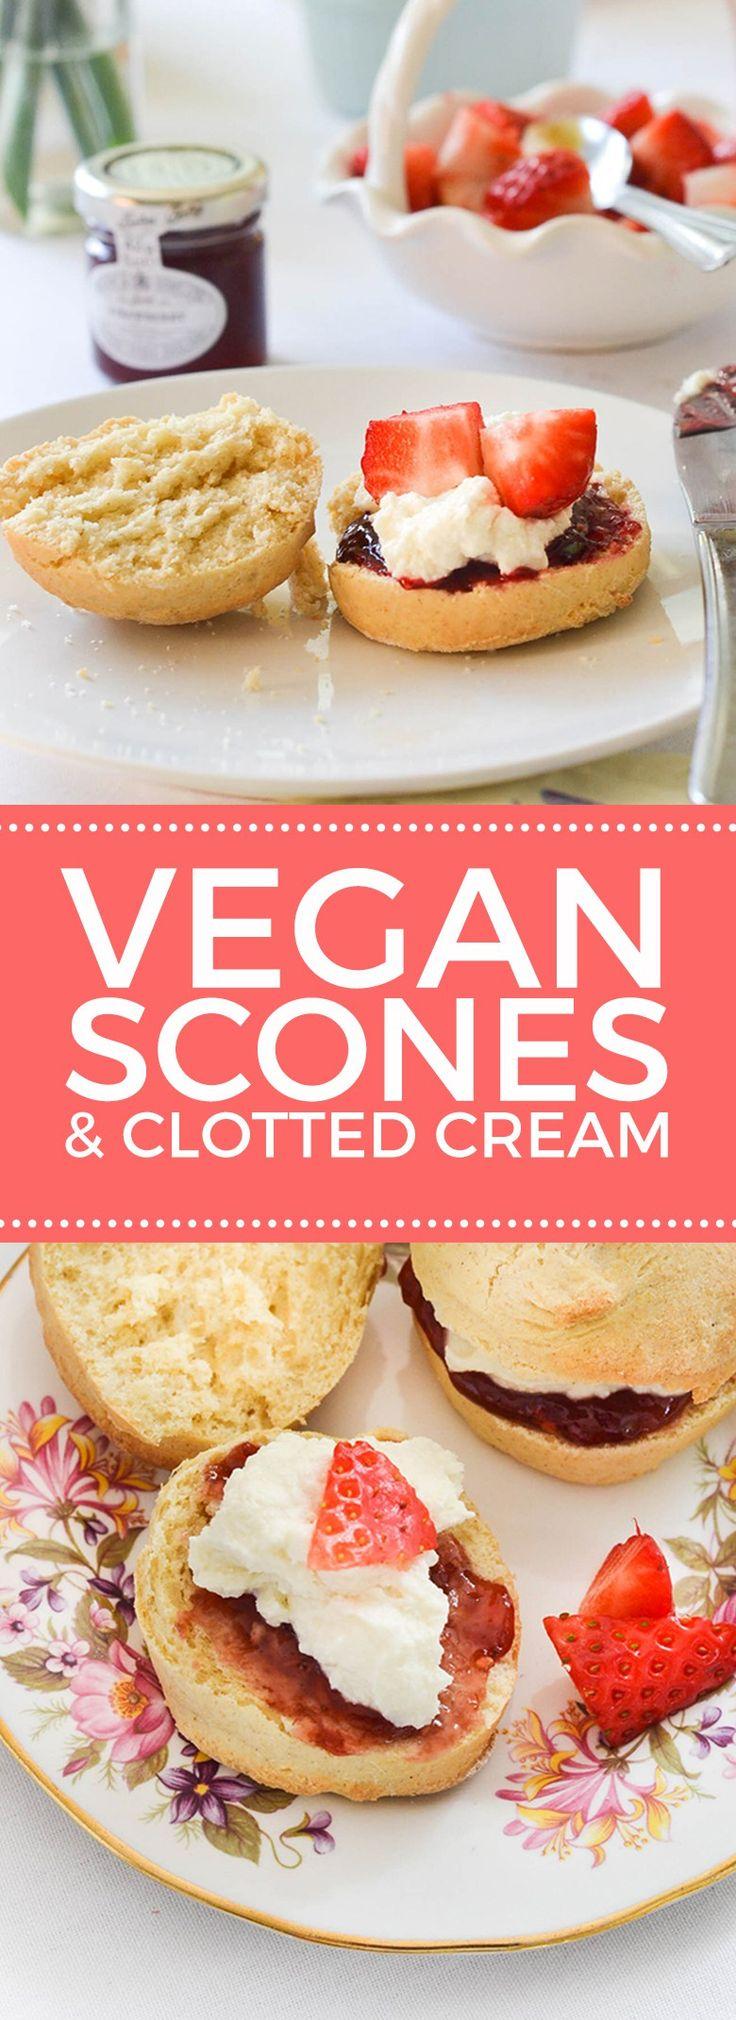 Vegan Scones with Clotted Cream #vegan